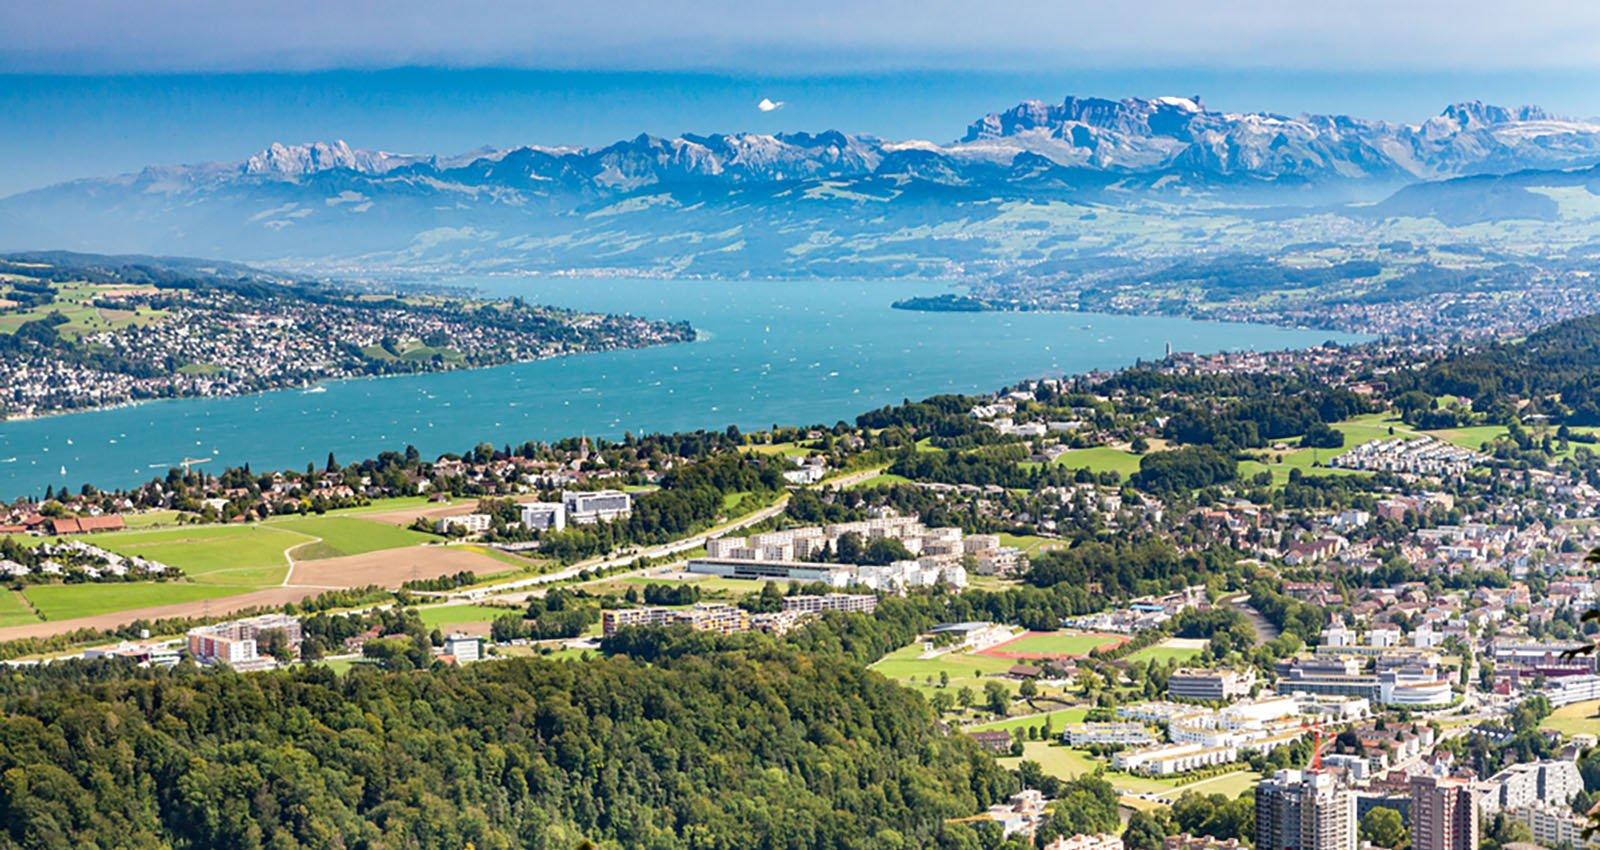 Banken, Immobilien, Steuern – Millionäre lieben die Schweiz